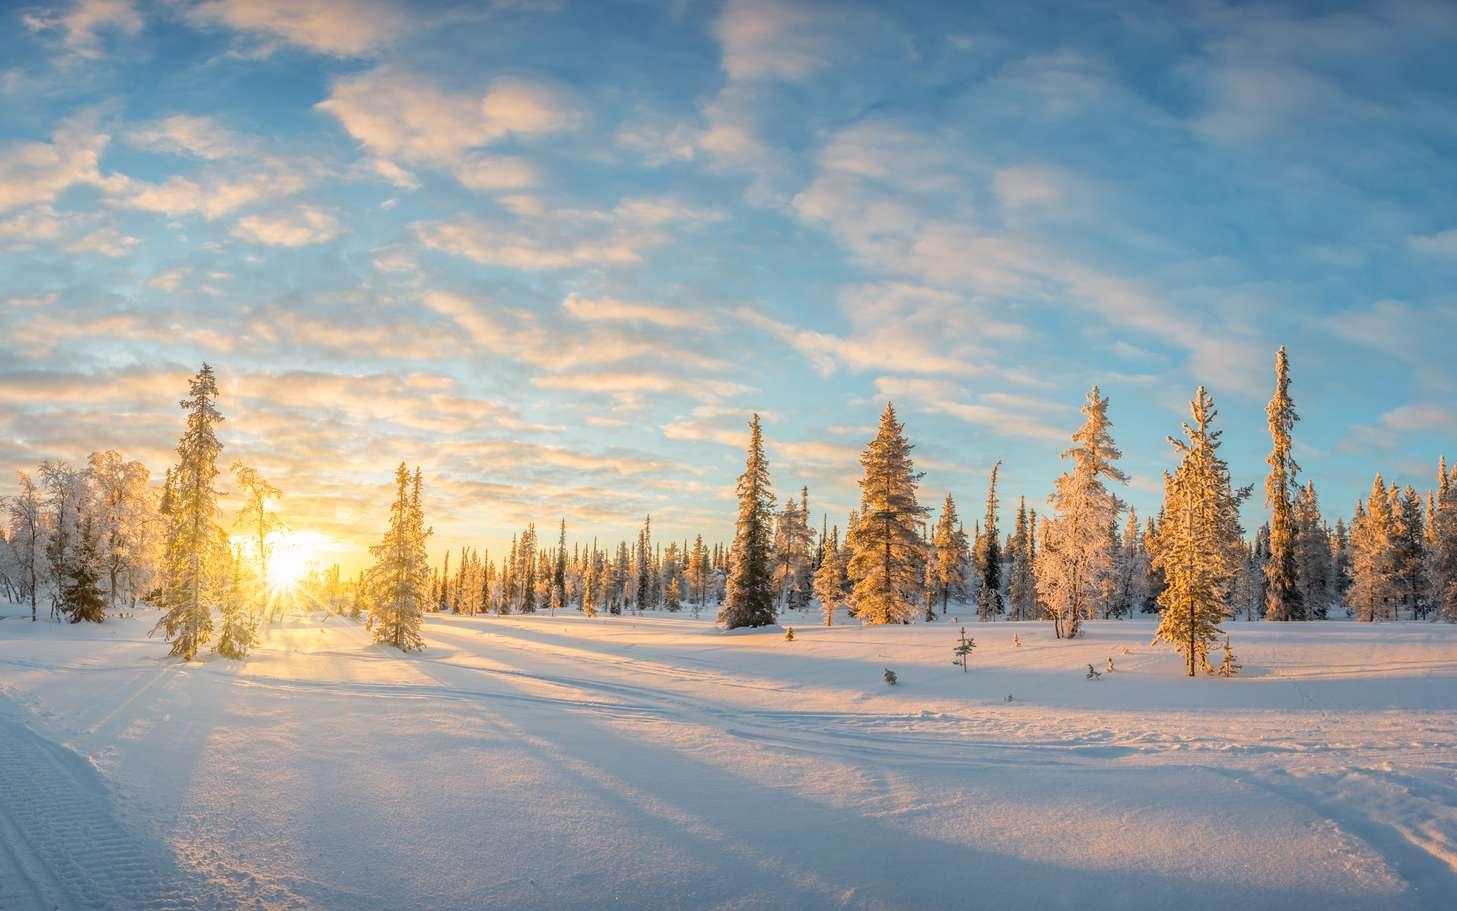 Le jour du solstice d'hiver, le soleil se lève tard, ne monte pas haut et se couche tôt. © Delphotostock, Fotolia